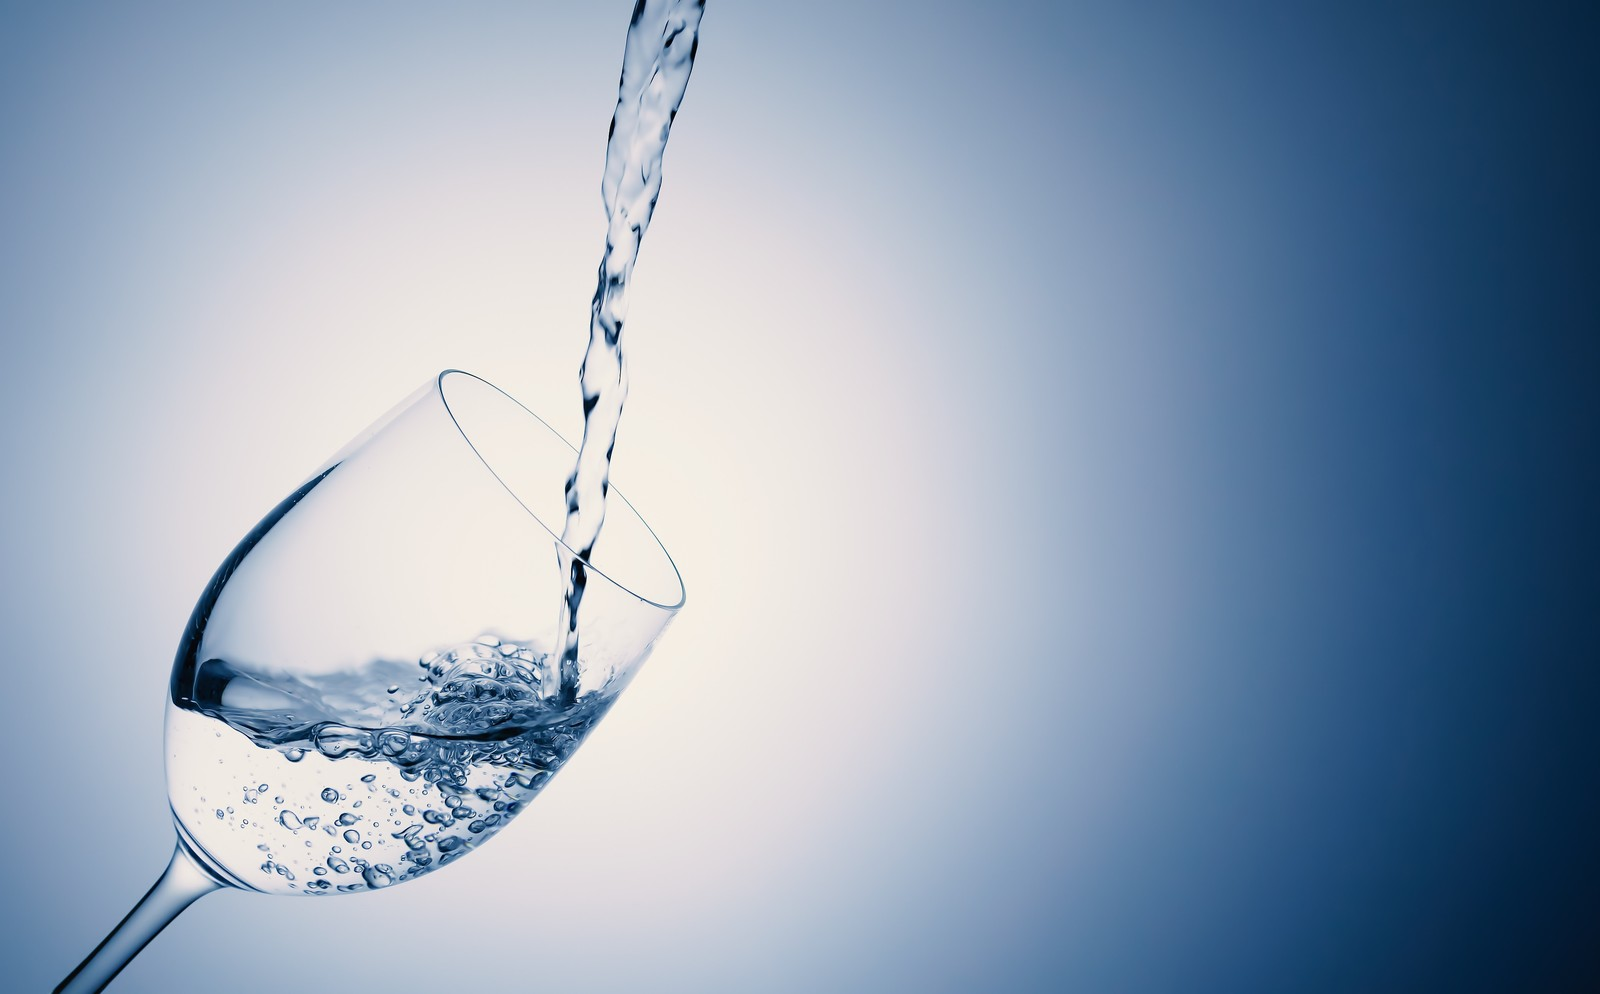 「グラスにお水をドボドボ」の写真